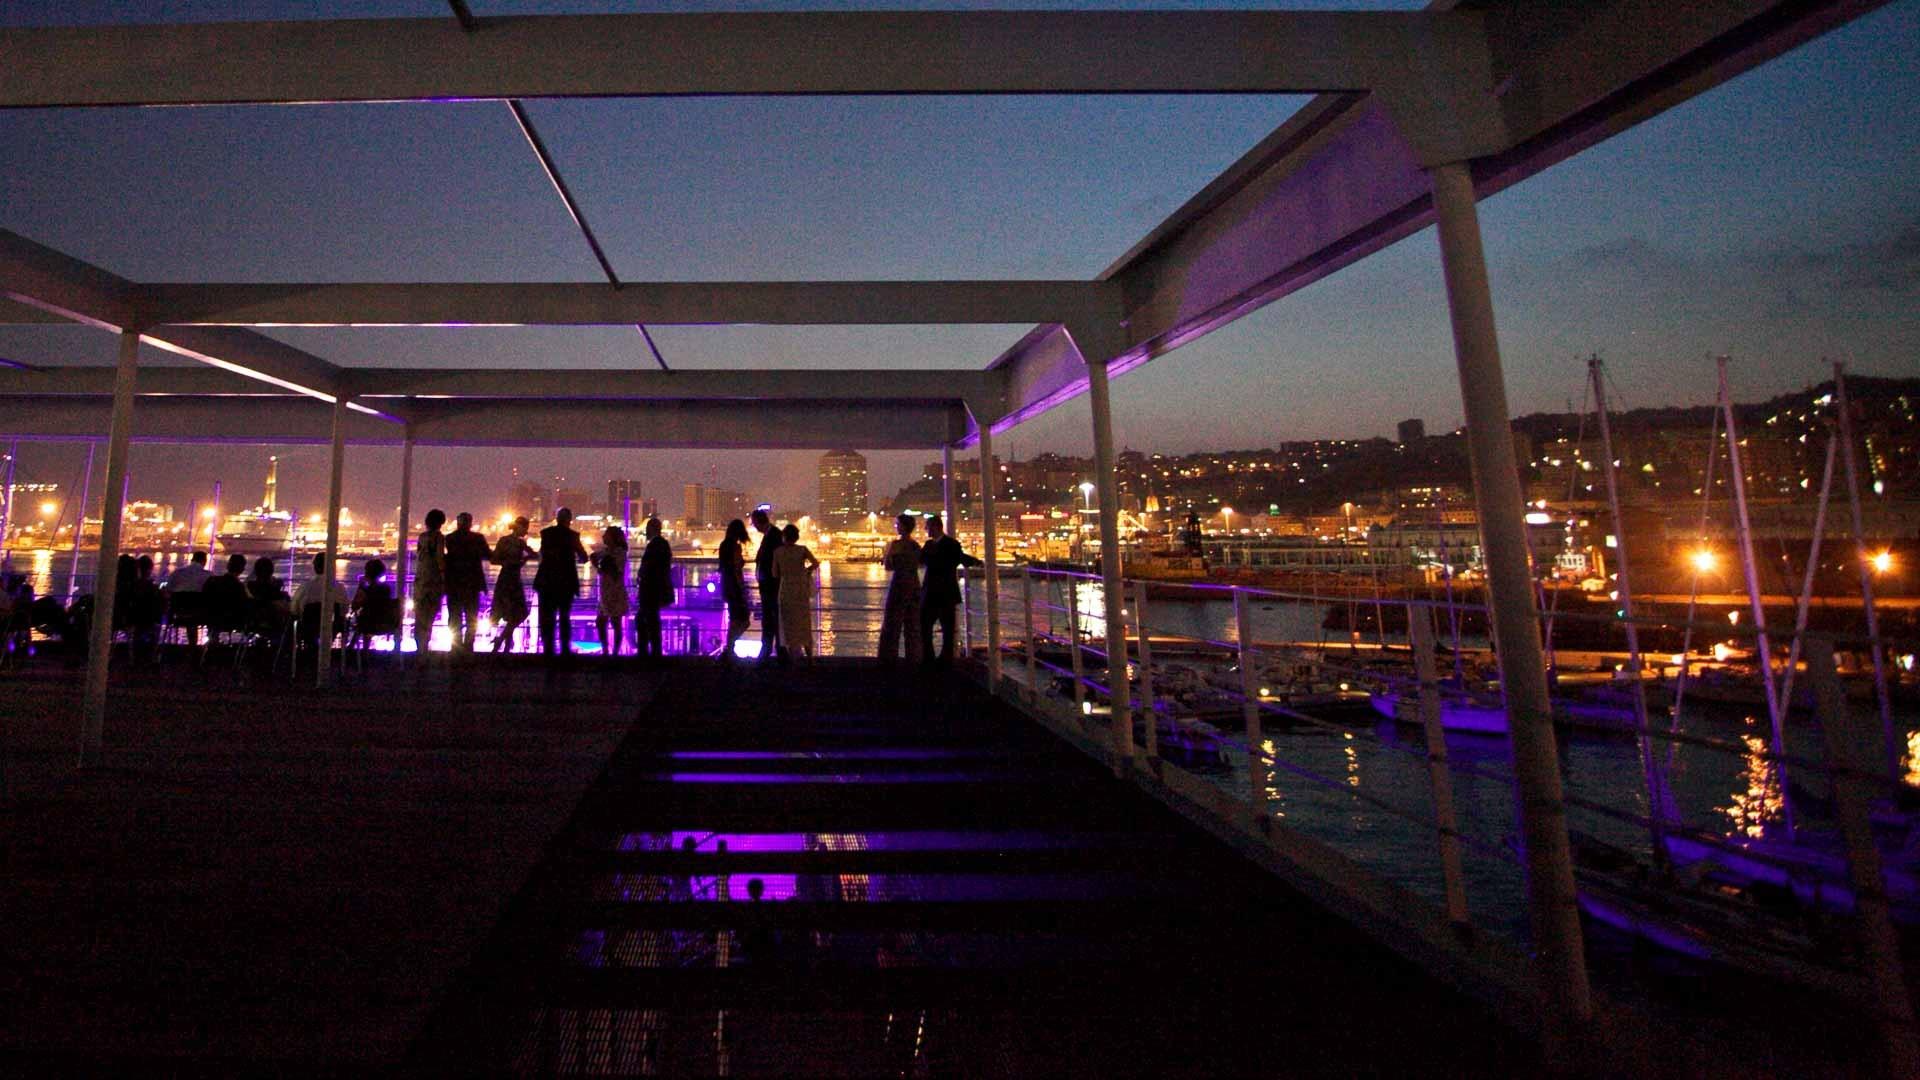 Acquario di Genova evento all'aperto vista panoramica al tramonto